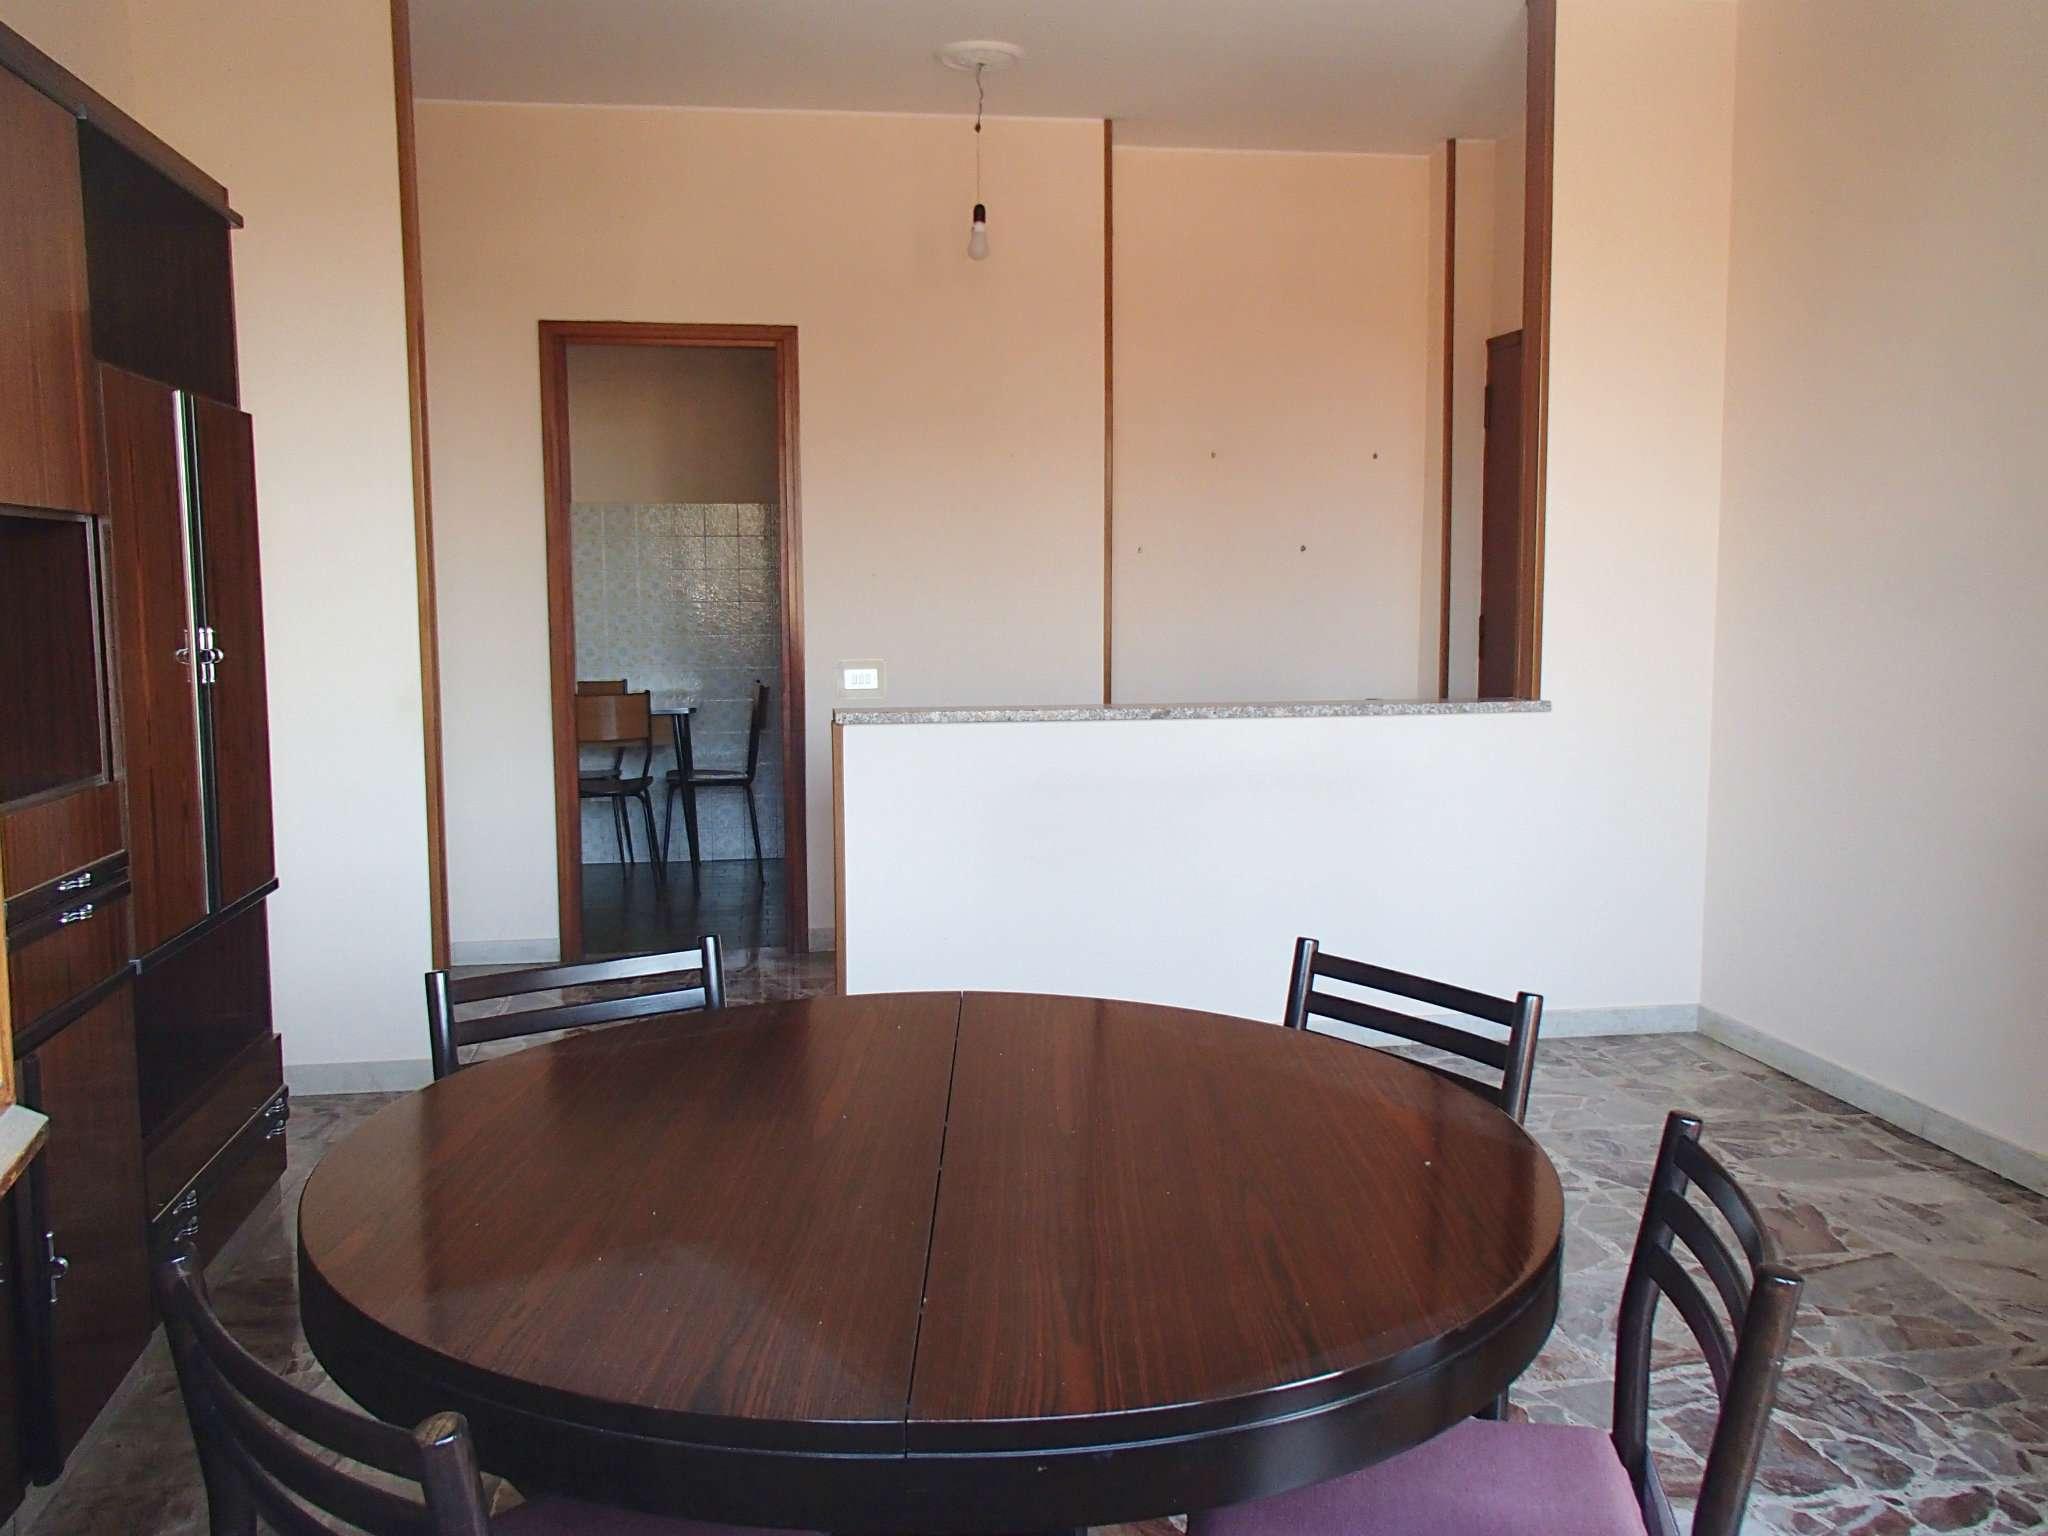 Appartamento in vendita a Landriano, 3 locali, prezzo € 125.000 | CambioCasa.it